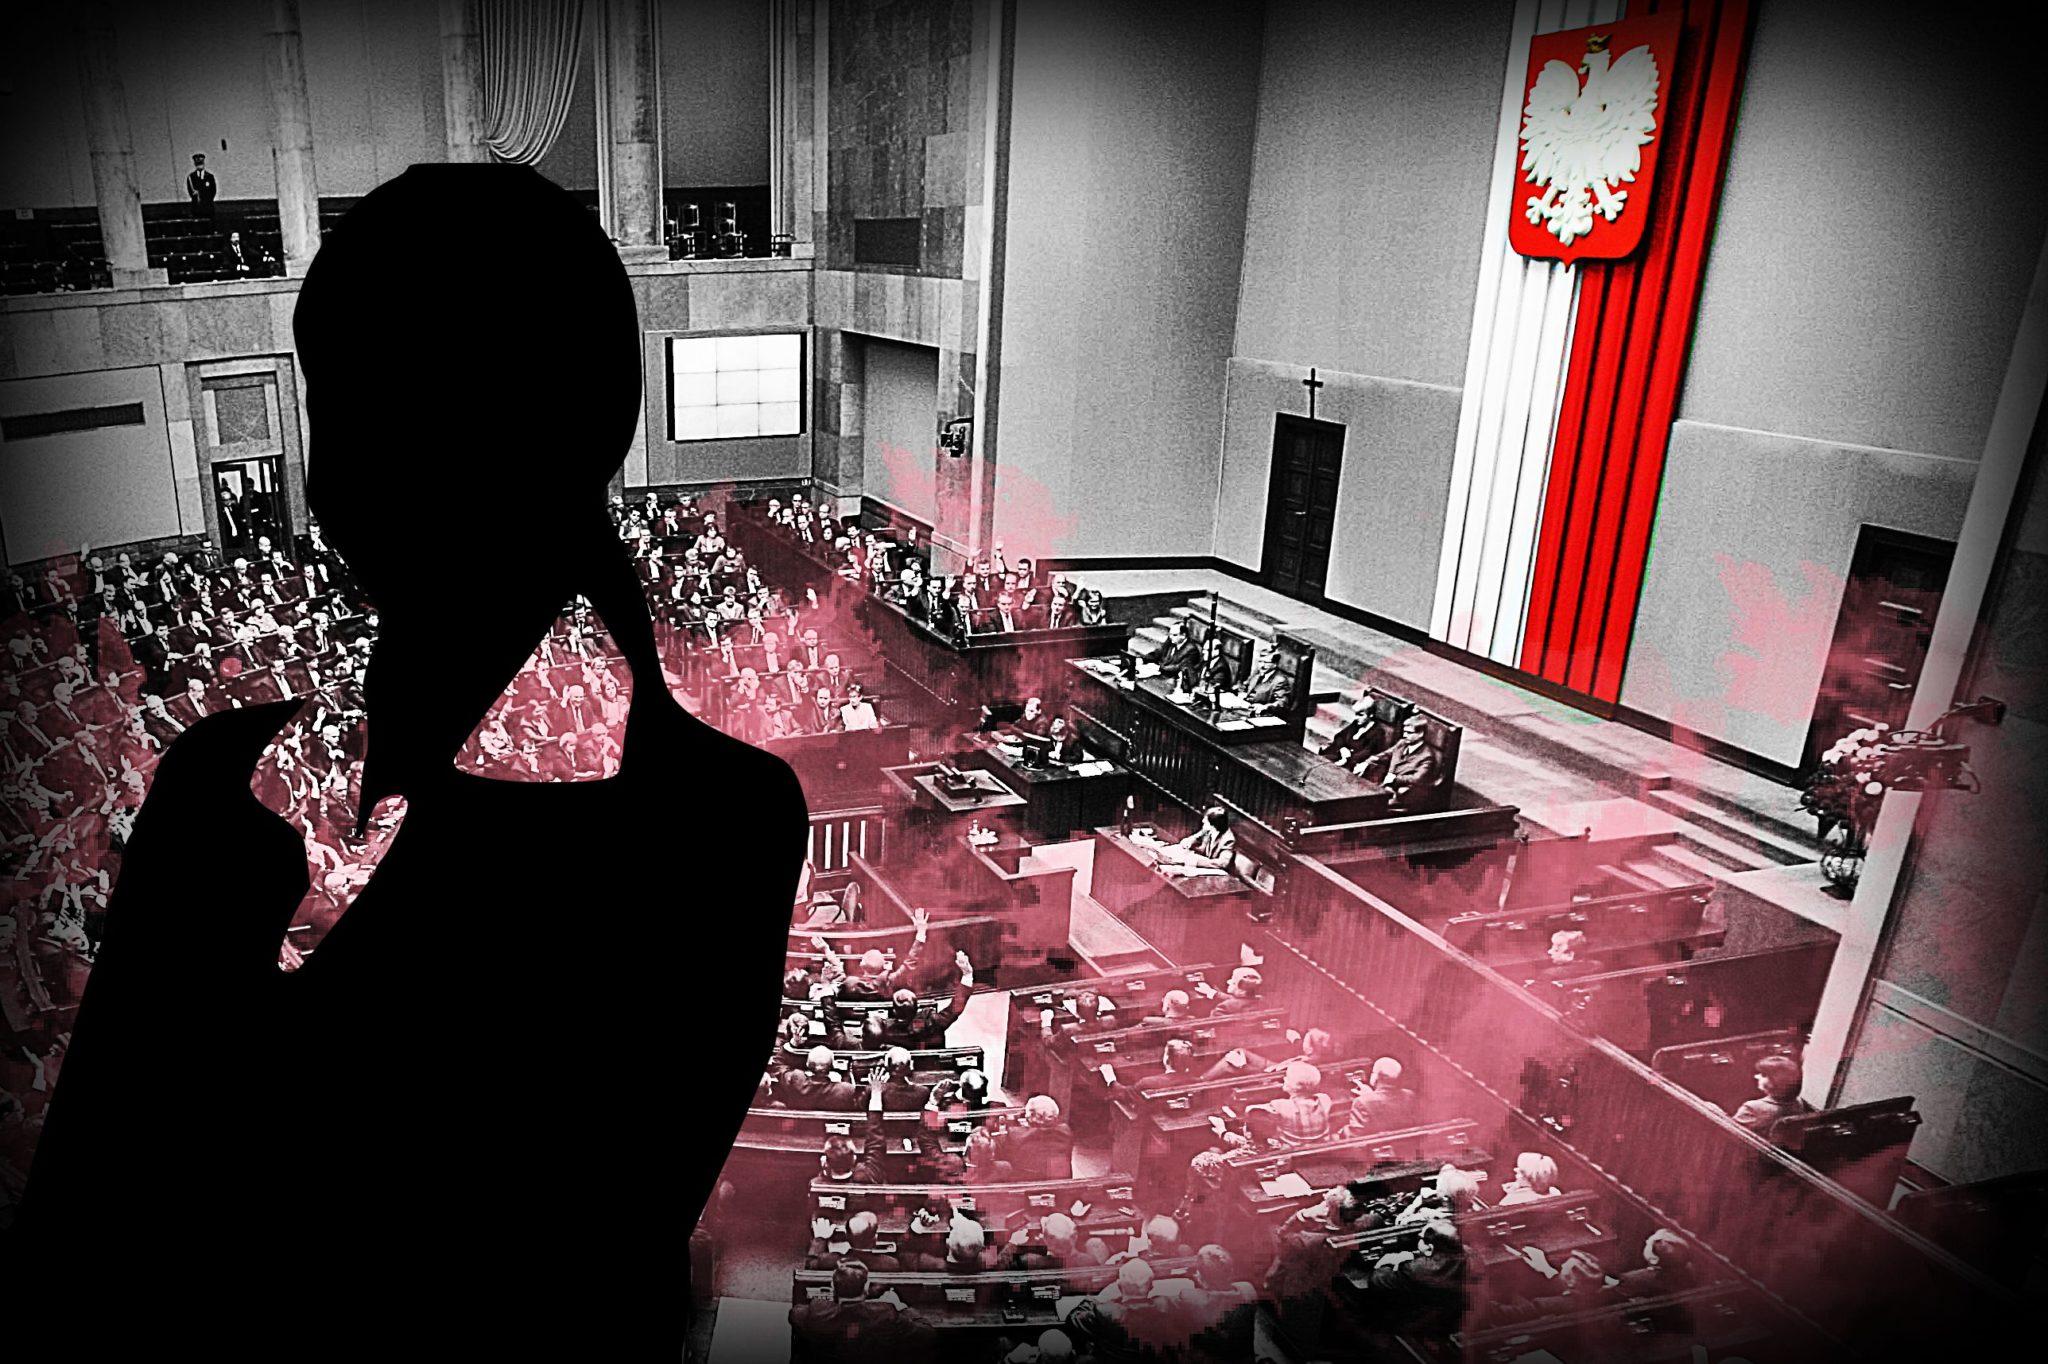 Polskę zszokowało! Polityk ujawniła seksualne orgie i gwałty w partii